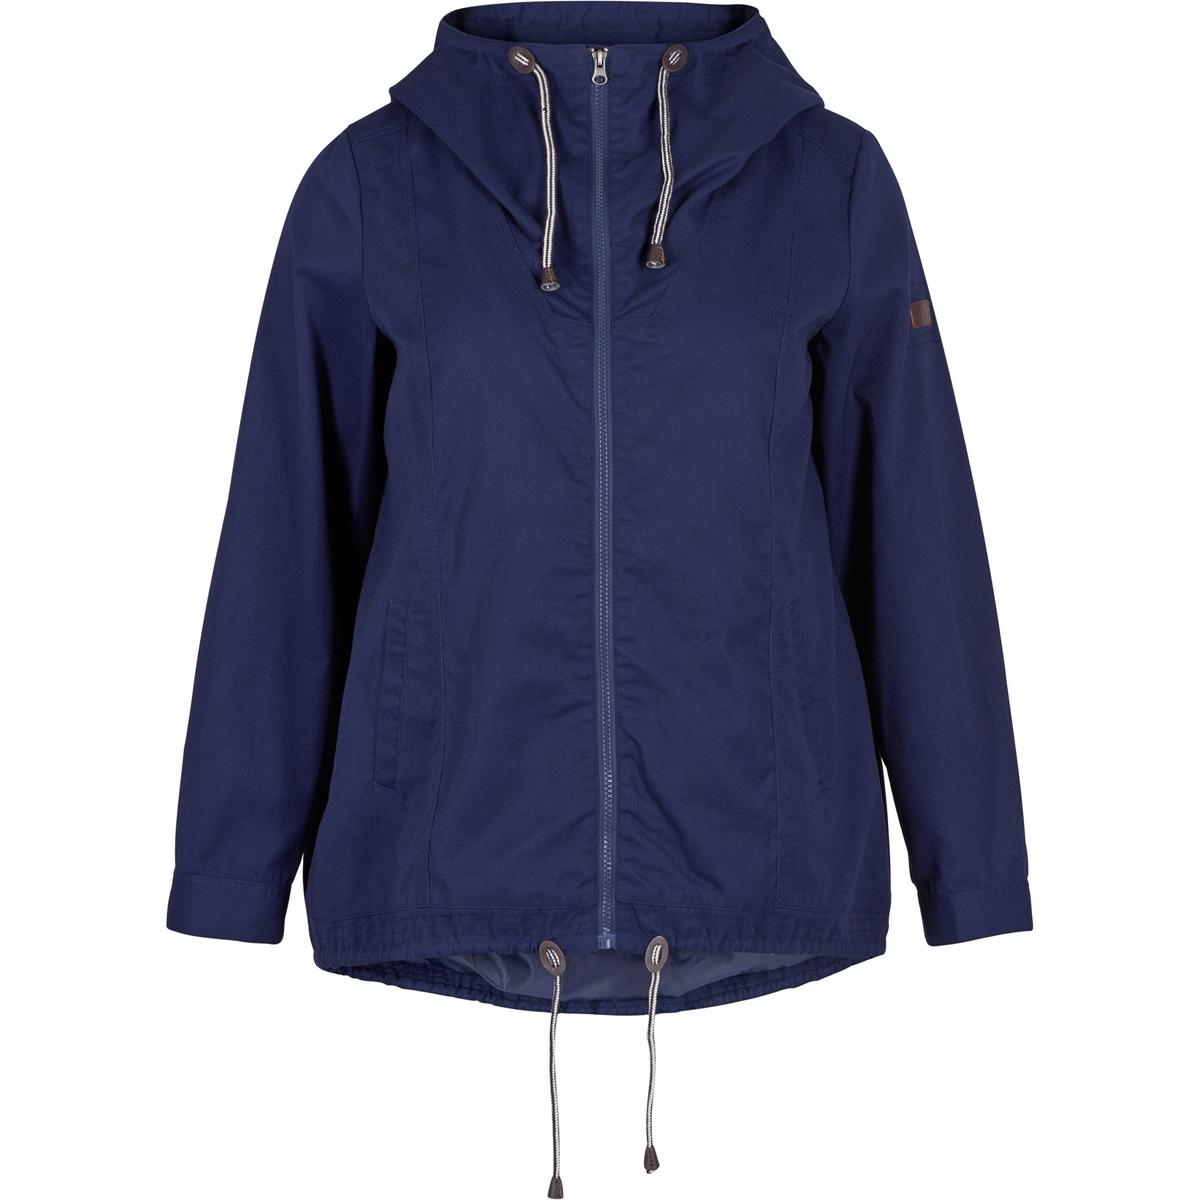 БлузонБлузон ZIZZI . 65% полиэстера, 35% хлопка. Красивая и очень практичная куртка для весны, наружные карманы, завязки, внутренний карман и капюшон. Застежка на молнию спереди. Идеальная куртка для весны.<br><br>Цвет: темно-синий<br>Размер: 50/52 (FR) - 56/58 (RUS).54/56 (FR) - 60/62 (RUS).46/48 (FR) - 52/54 (RUS)